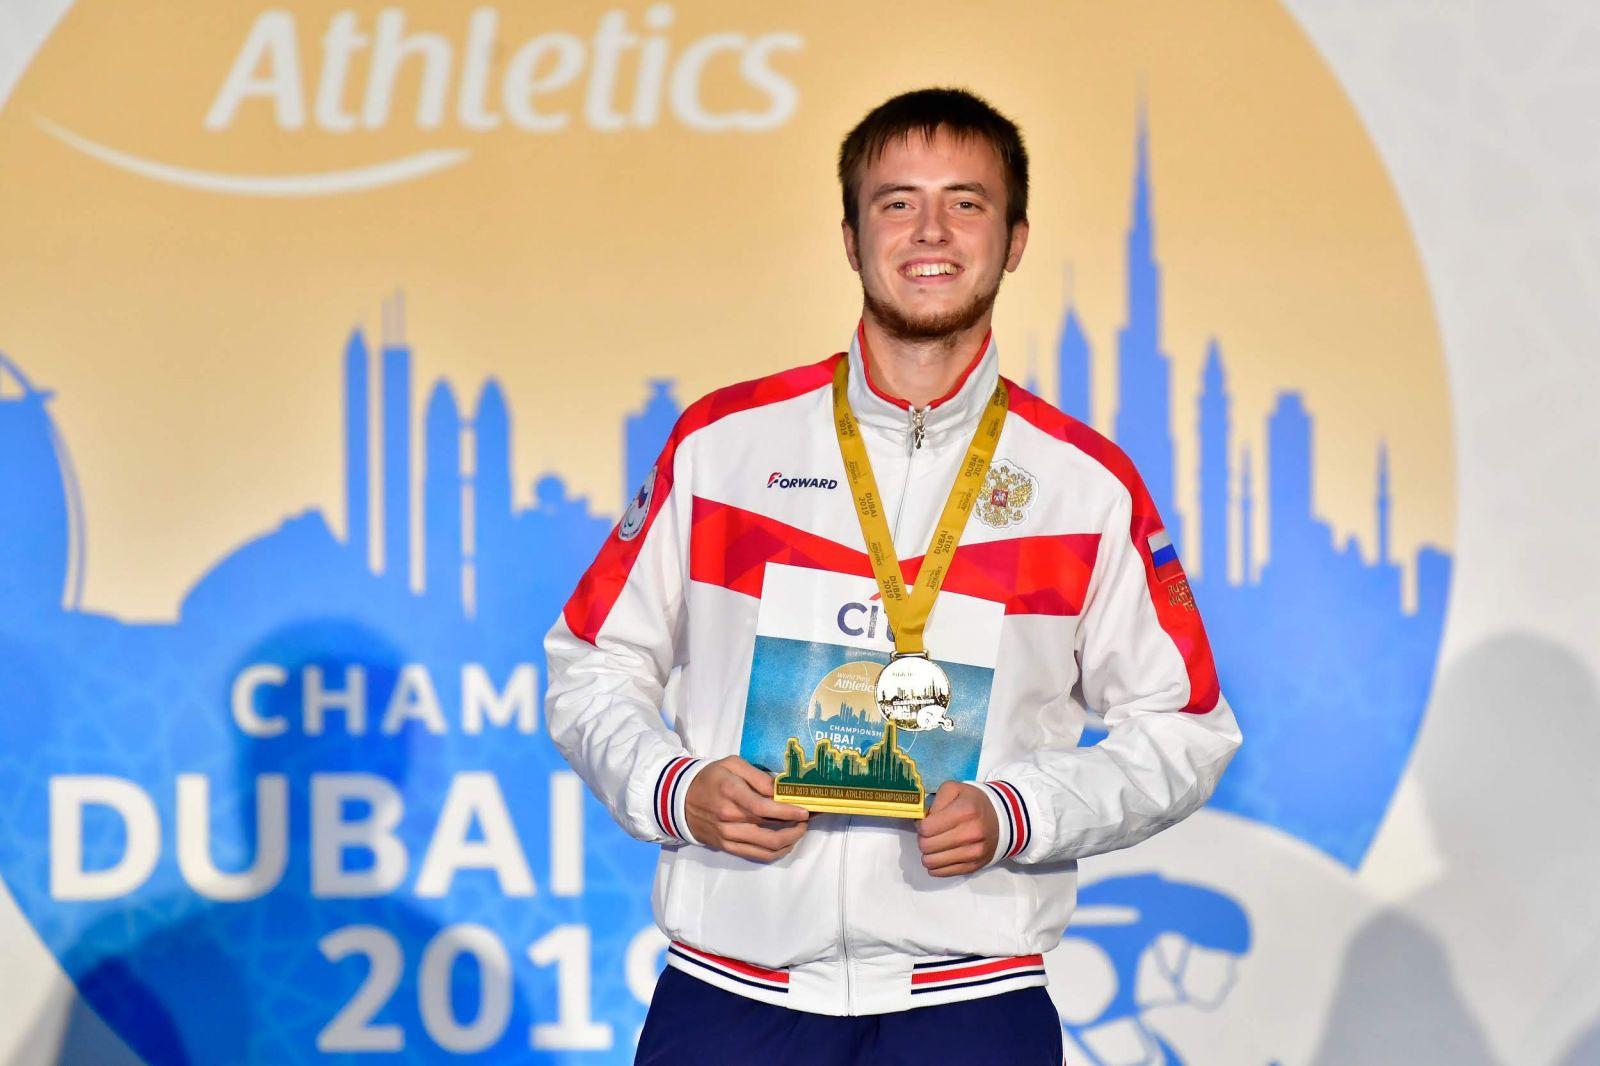 Сильнее обстоятельств – 9-кратный чемпион мира по легкой атлетике спорта лиц с ПОДА Андрей Вдовин